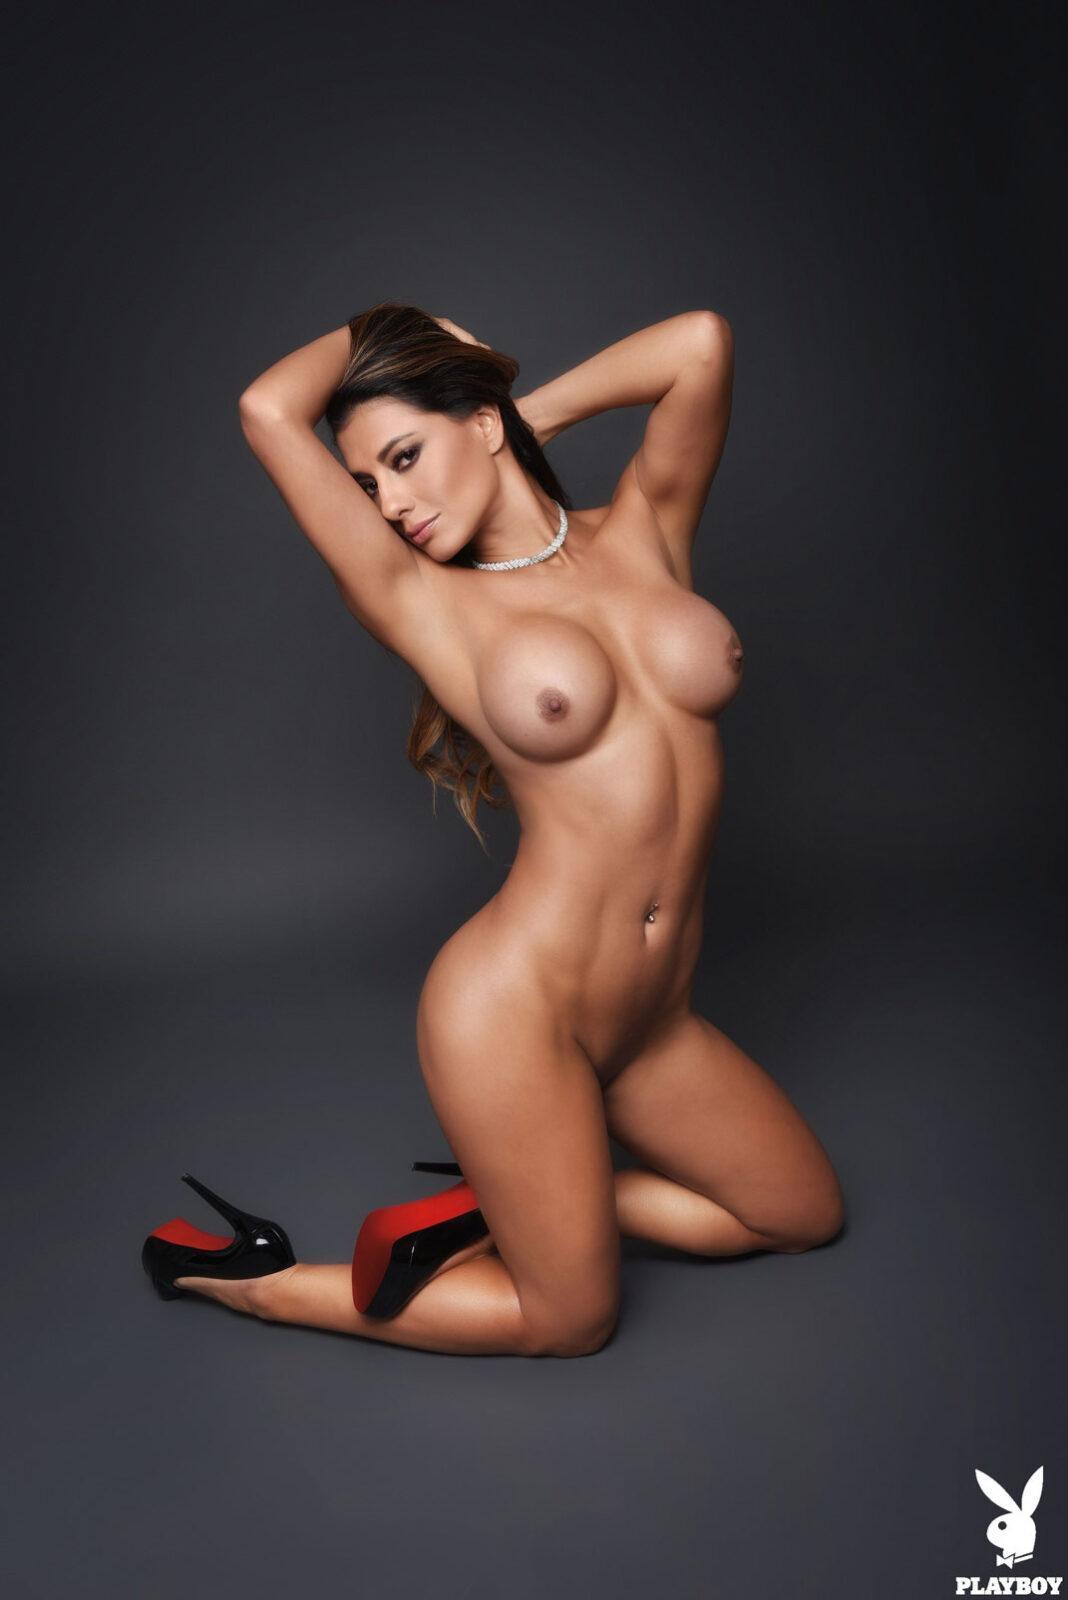 viviana castrillon in playboy mexico11